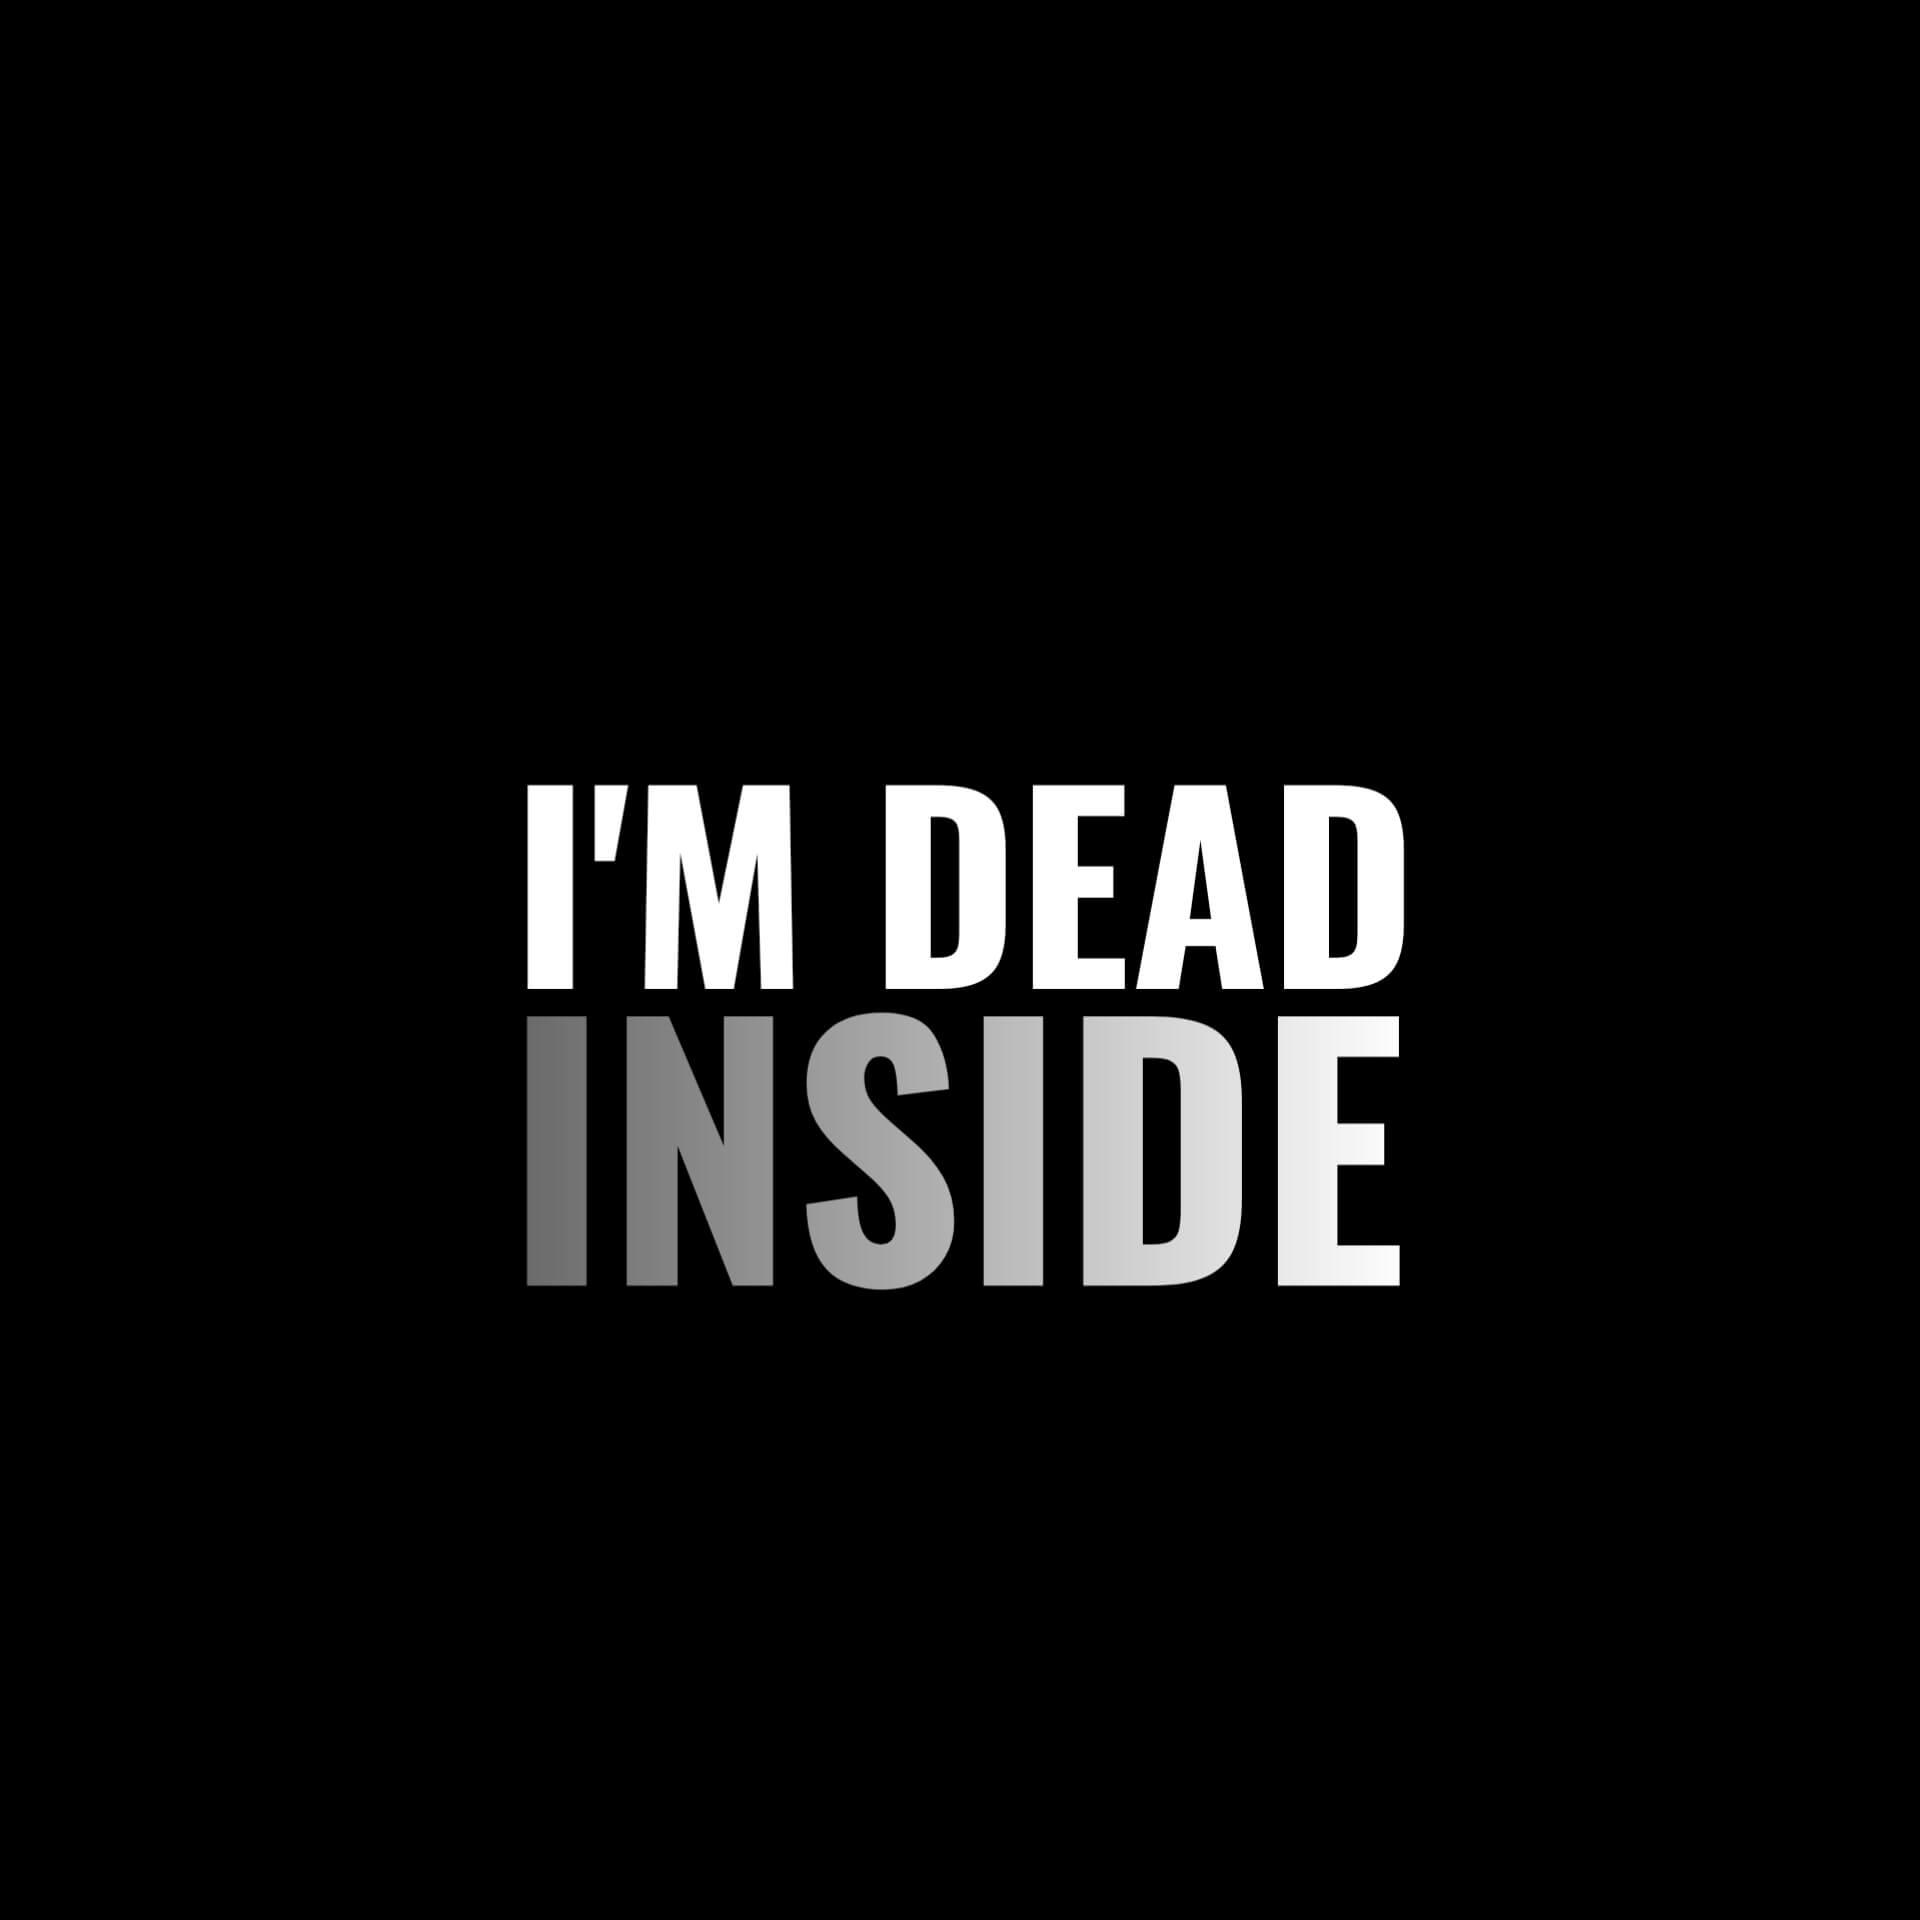 I'm Dead Inside WhatsApp DP